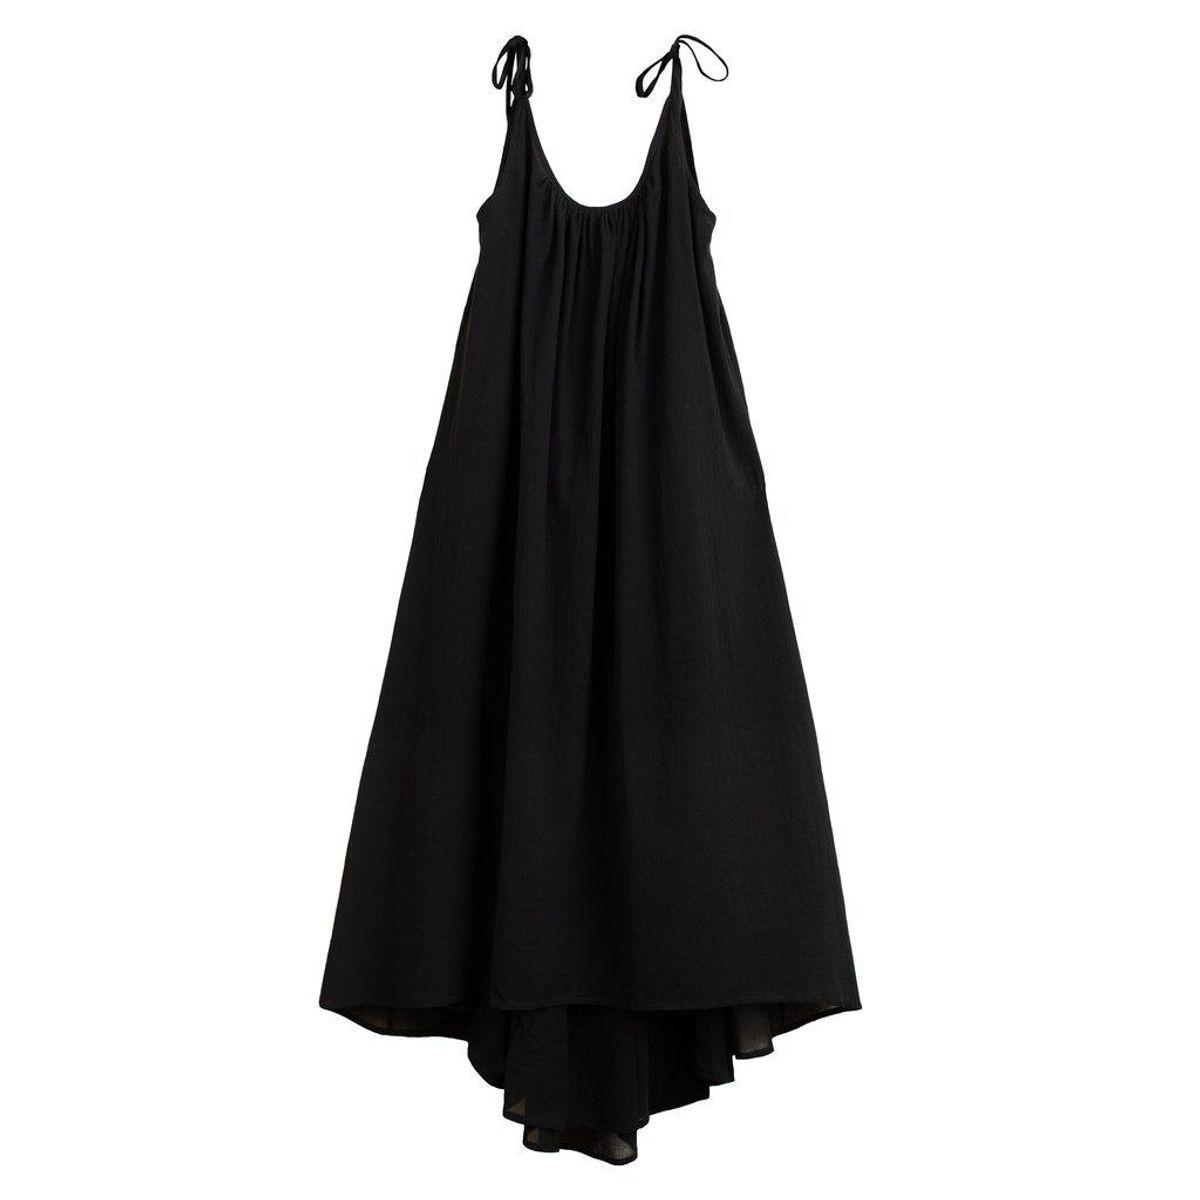 Hailama Maxi Dress